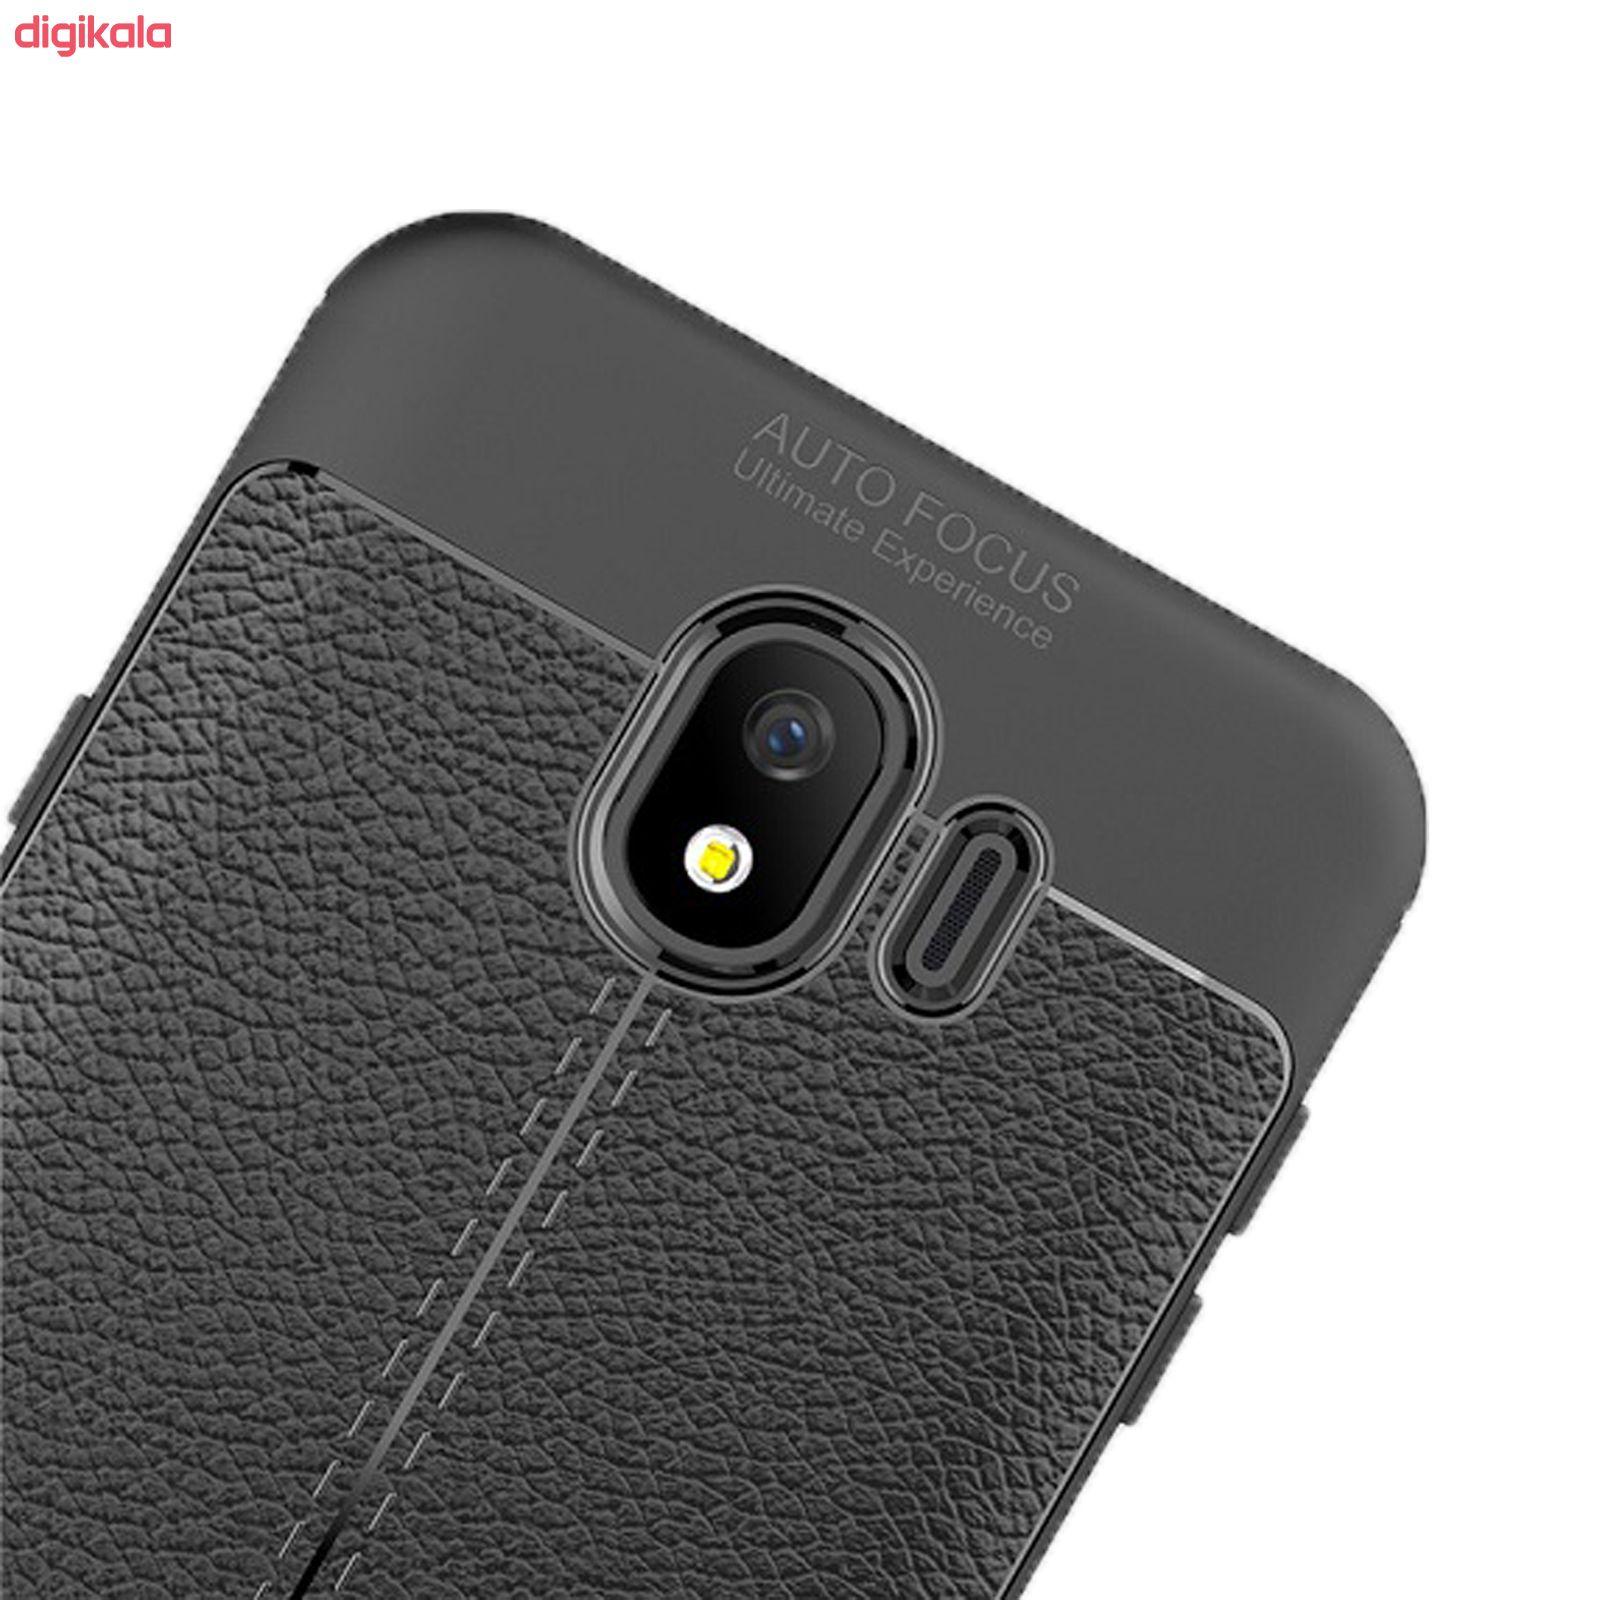 کاور فکرو مدل RX01 مناسب برای گوشی موبایل سامسونگ Galaxy j4 2018 main 1 6